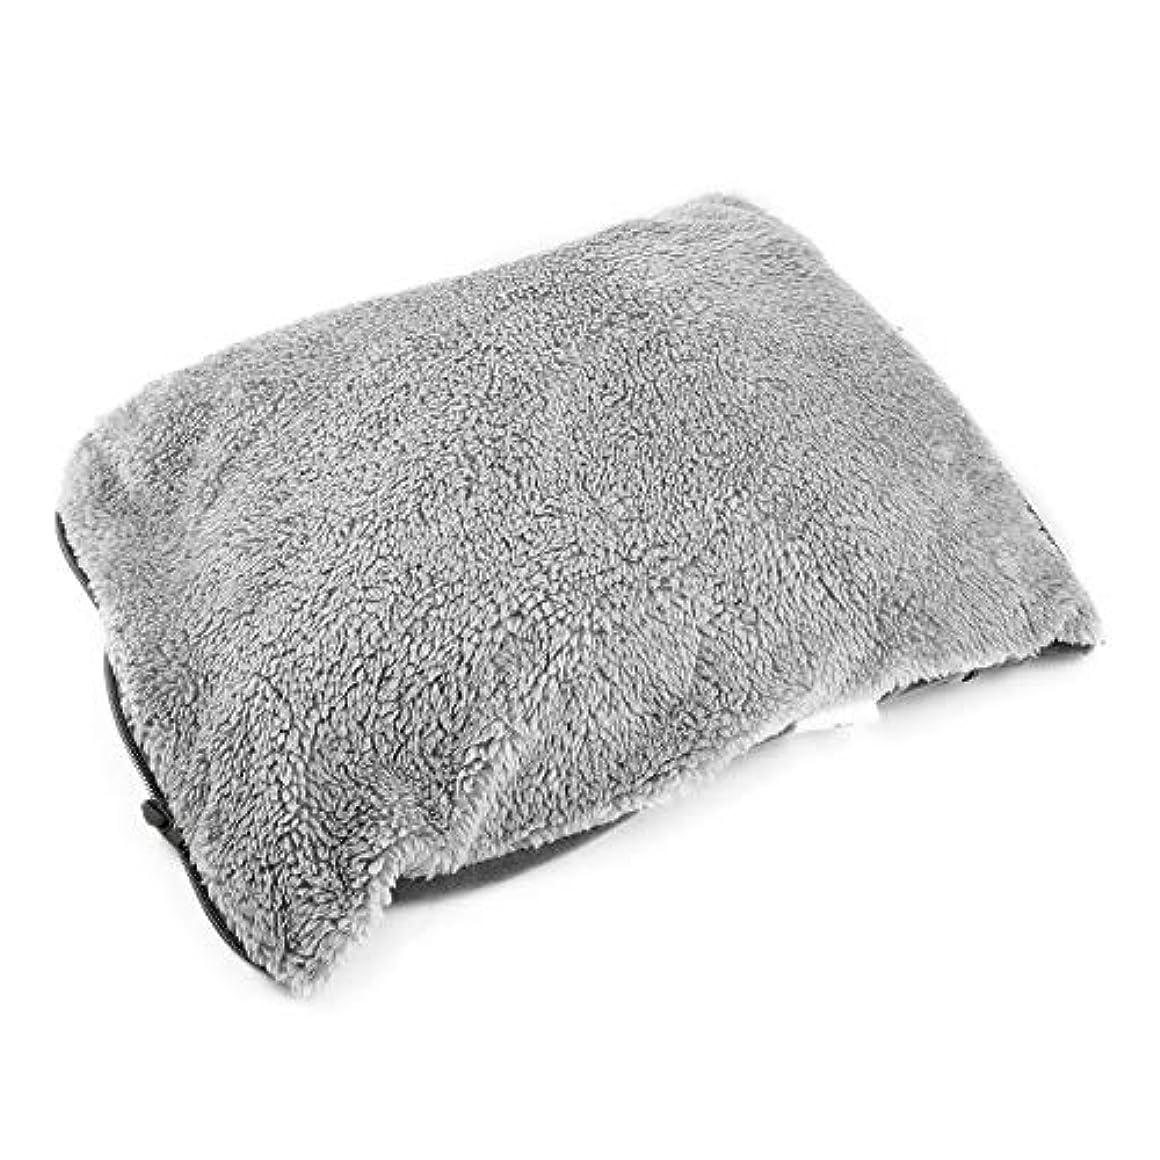 誘惑する細部疲れたシンプルなデザインのUSB充電冬のハンドウォーマー実用的な快適な柔らかい電気暖房暖かいパッドクッション最高の贈り物 - グレー